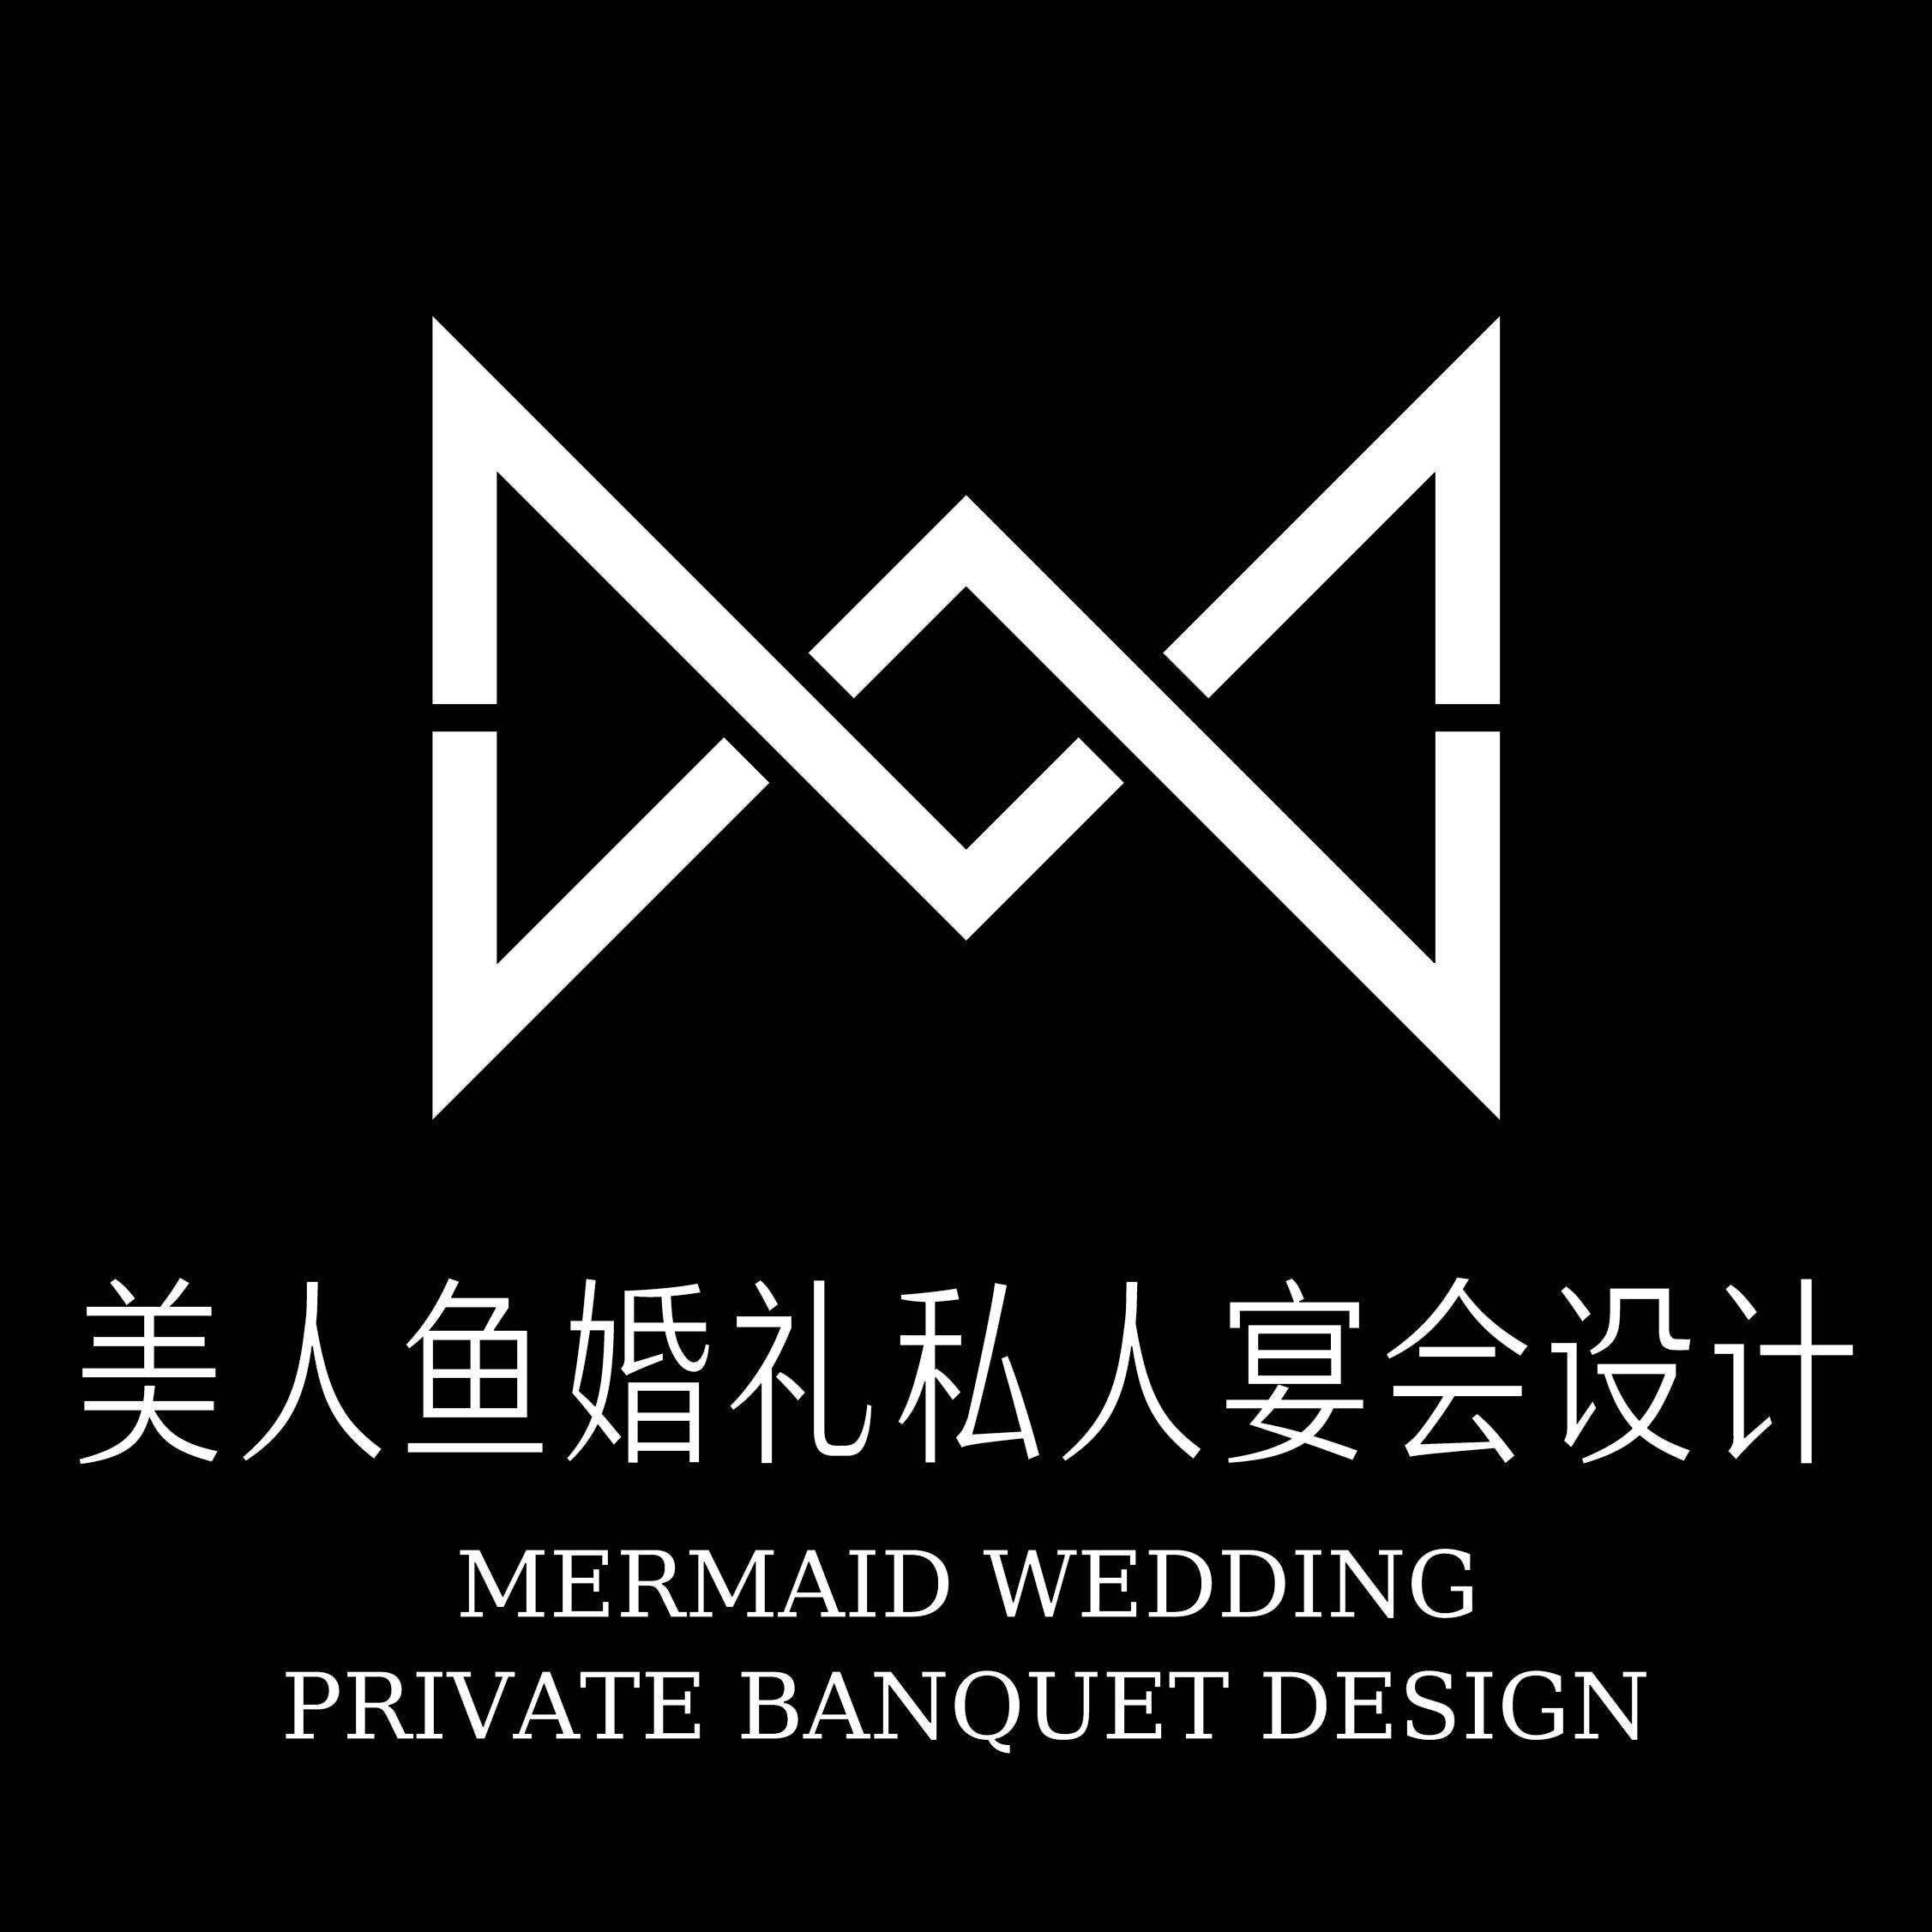 美人鱼婚礼私人宴会设计